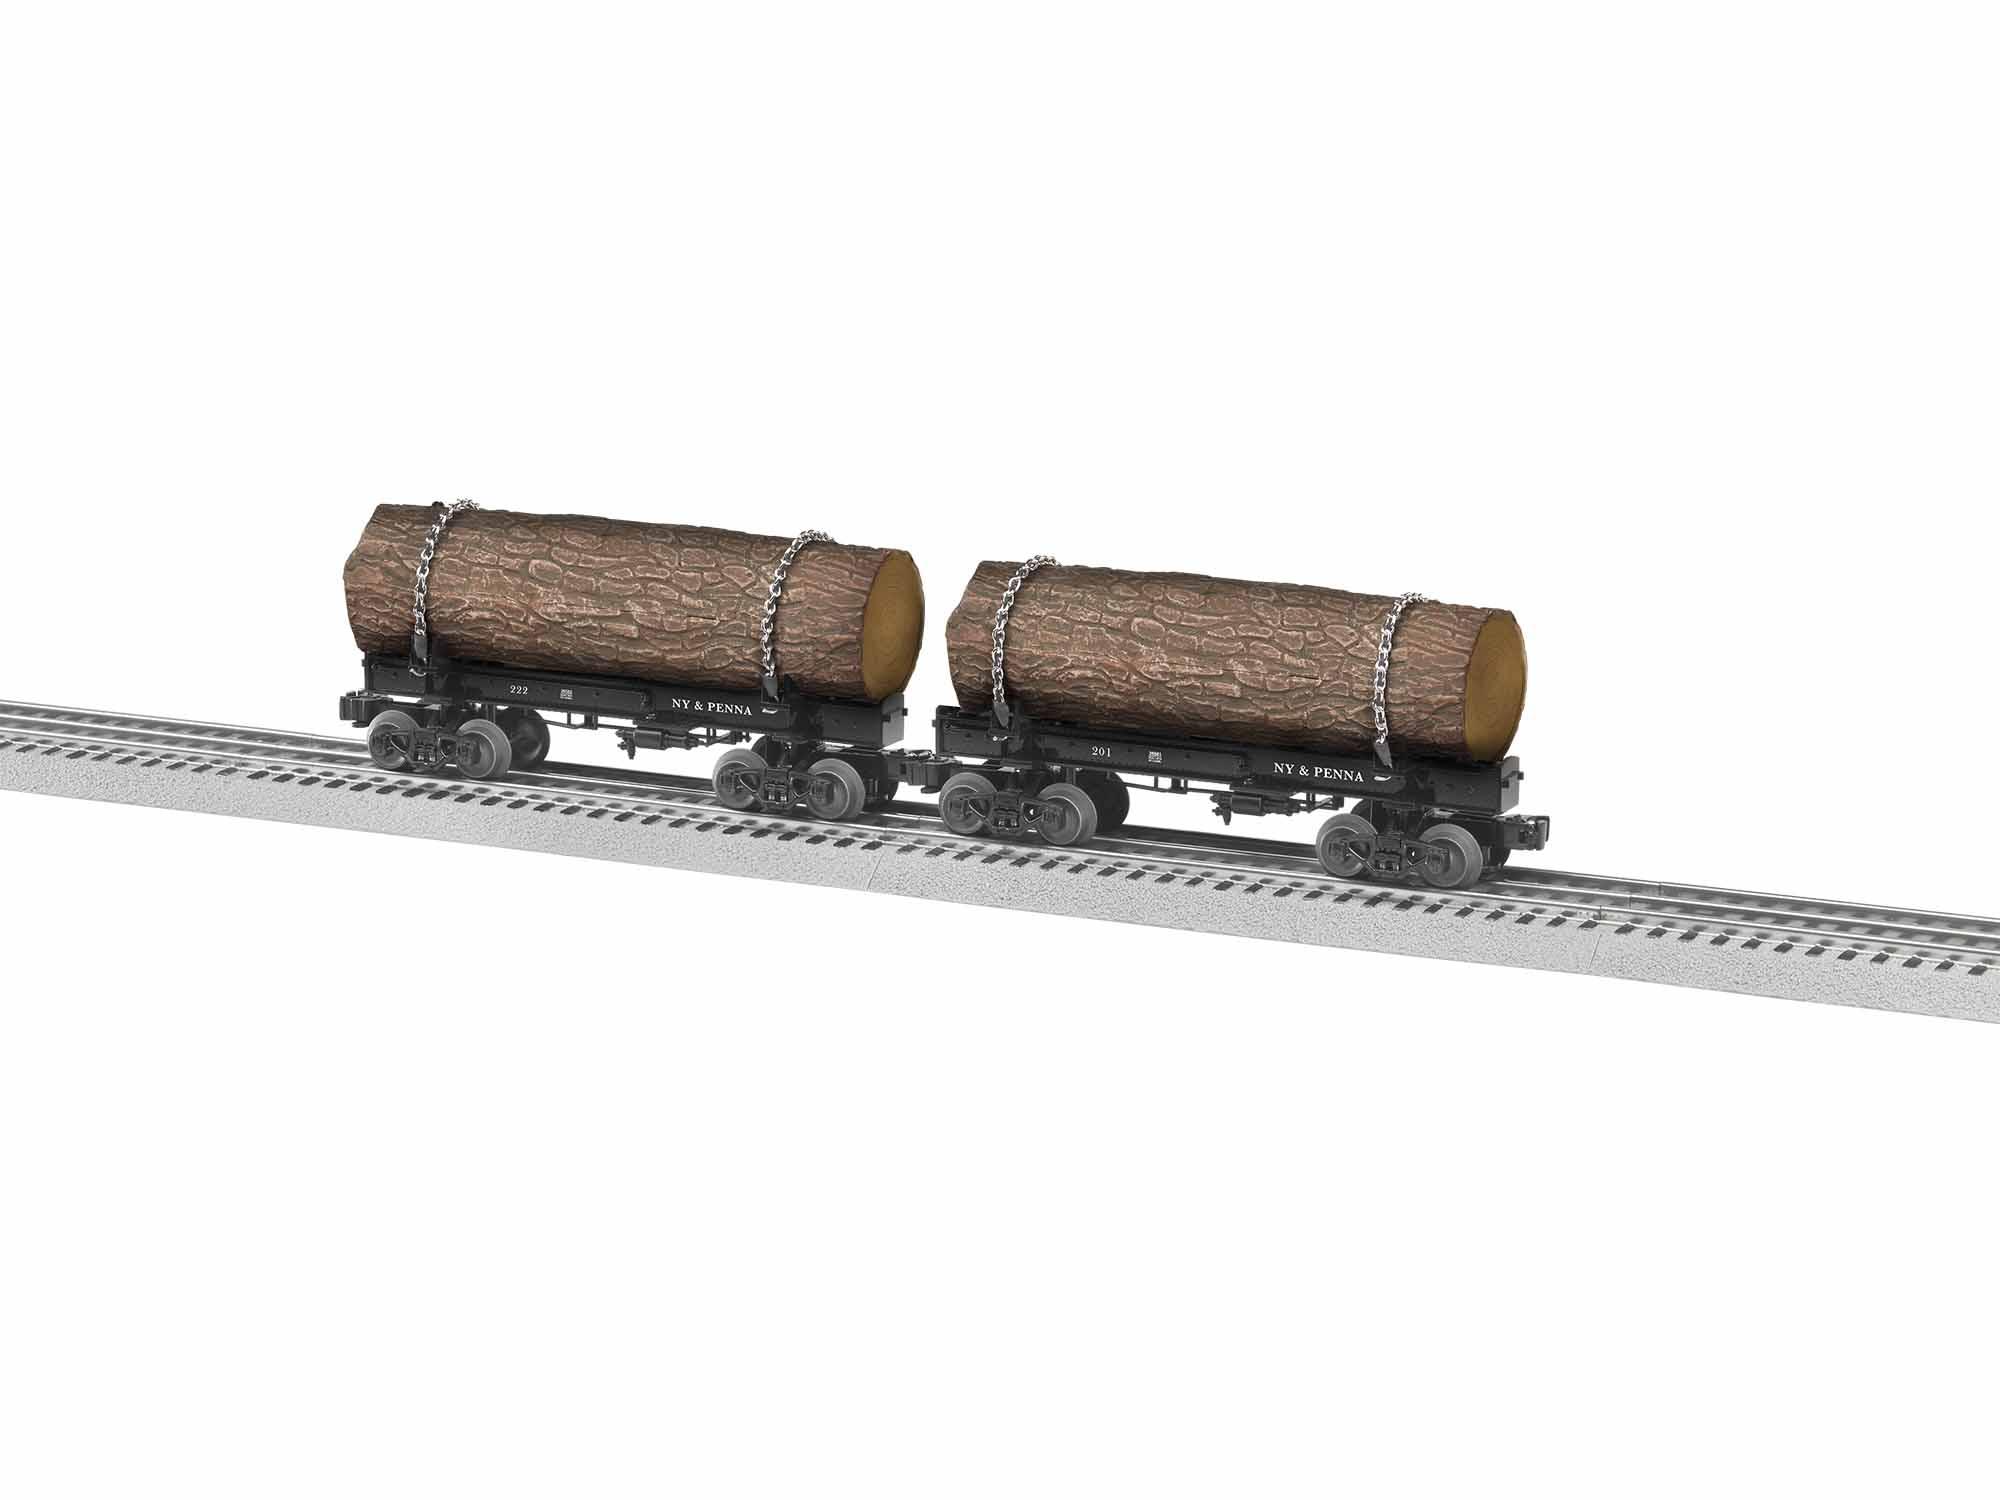 LNL1926580 Lionel O Skeleton Log Car, NY & Penna (2) Pack A